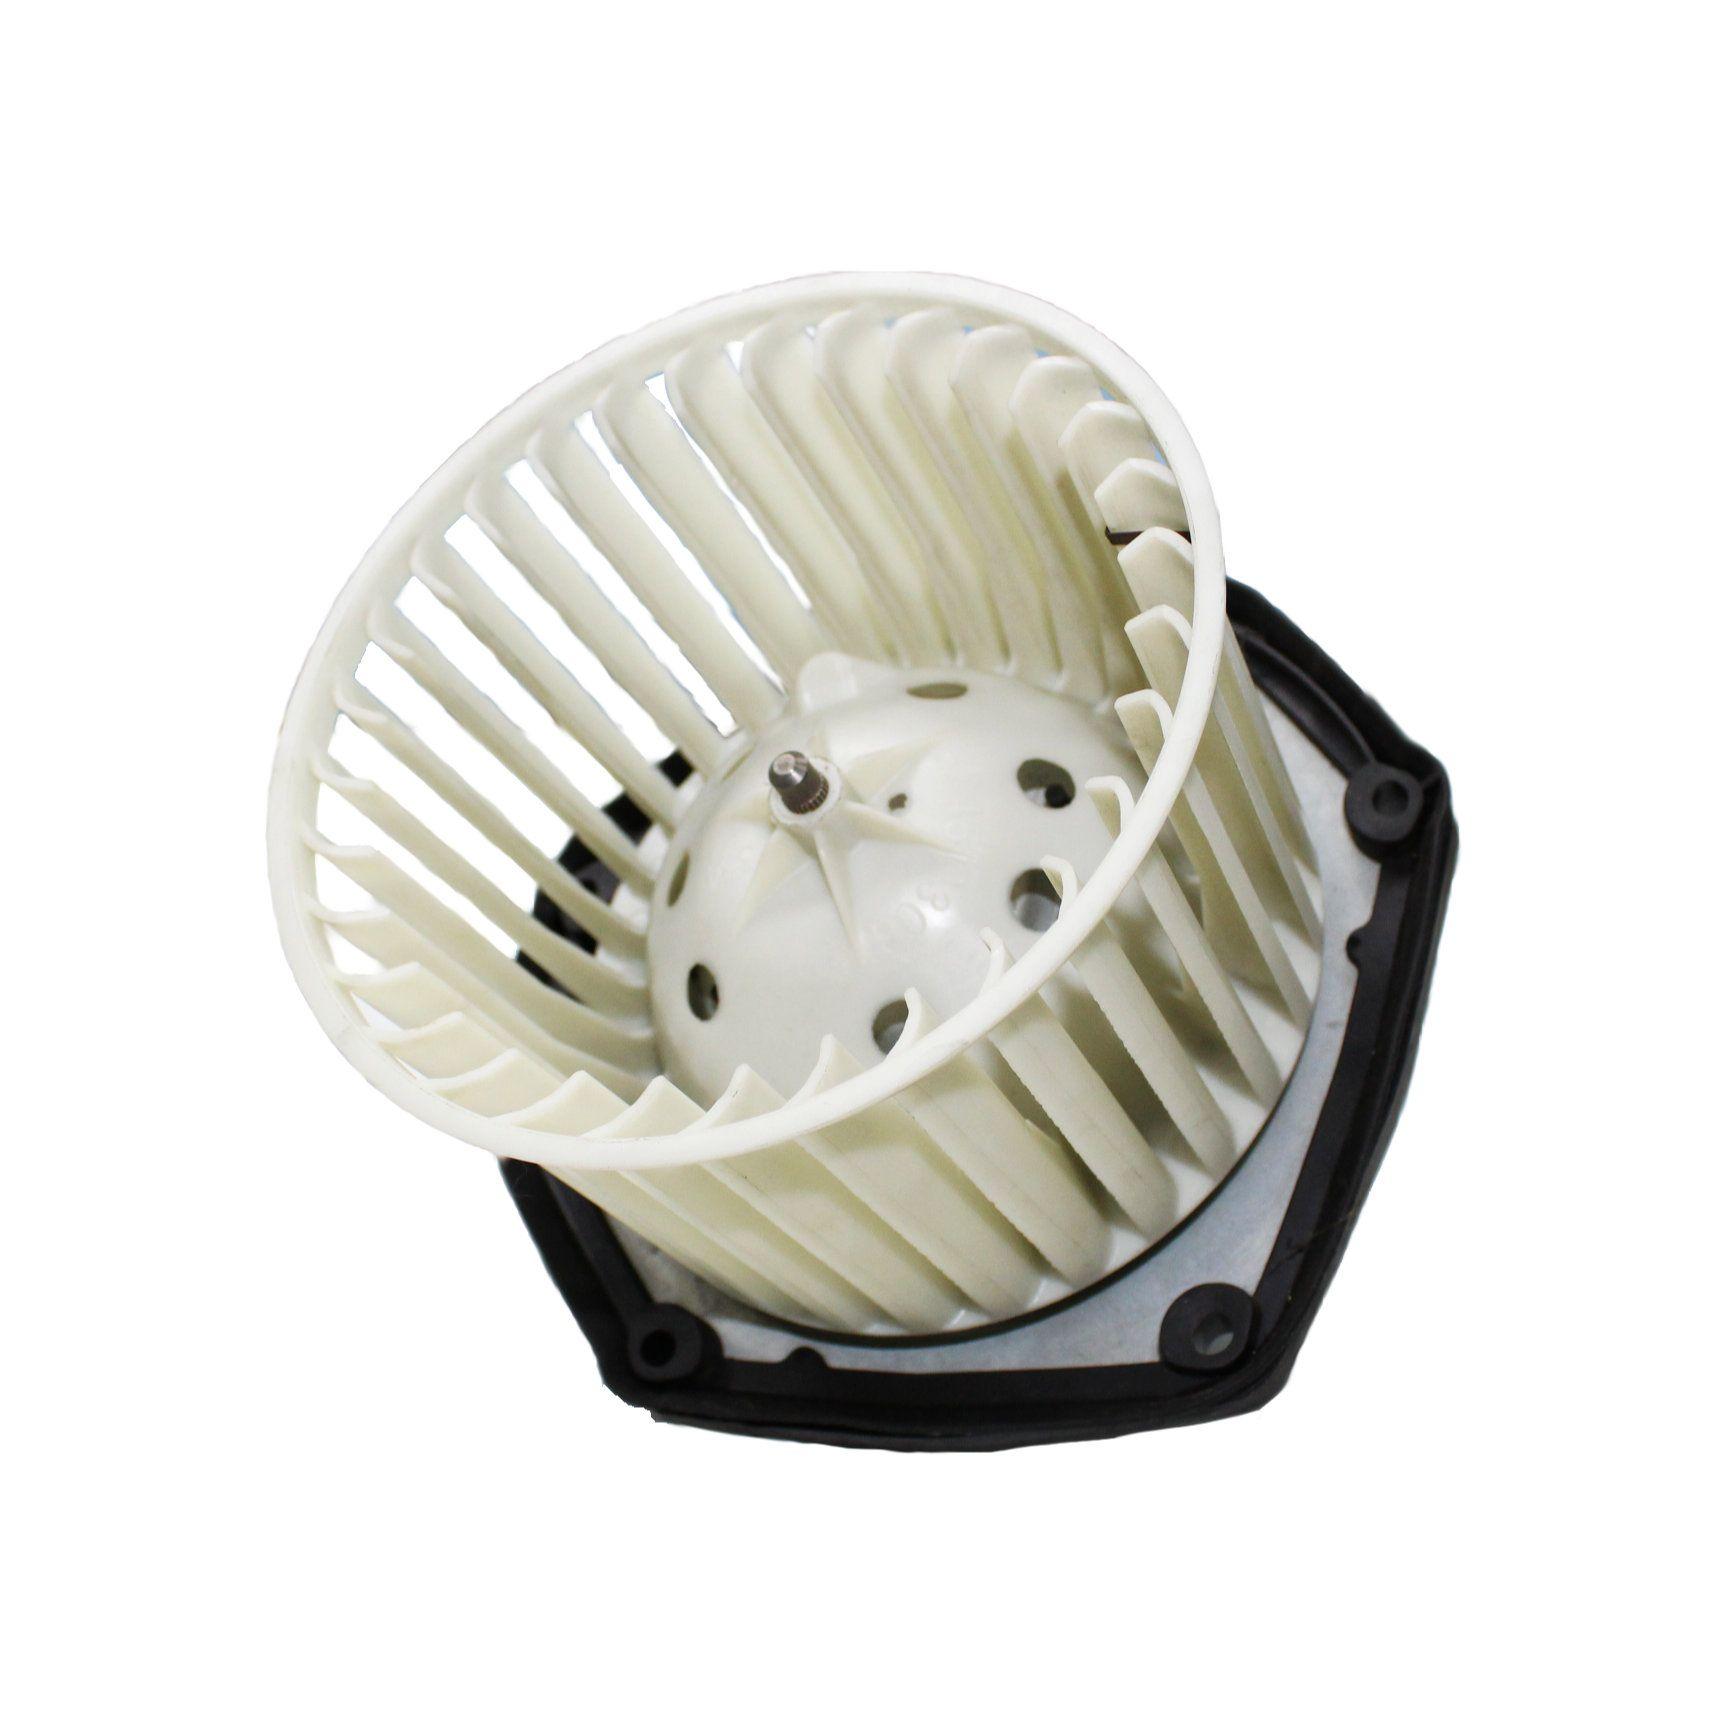 Motor Ventilador Interno Silverado 94...02 s/ Ar Condicionado